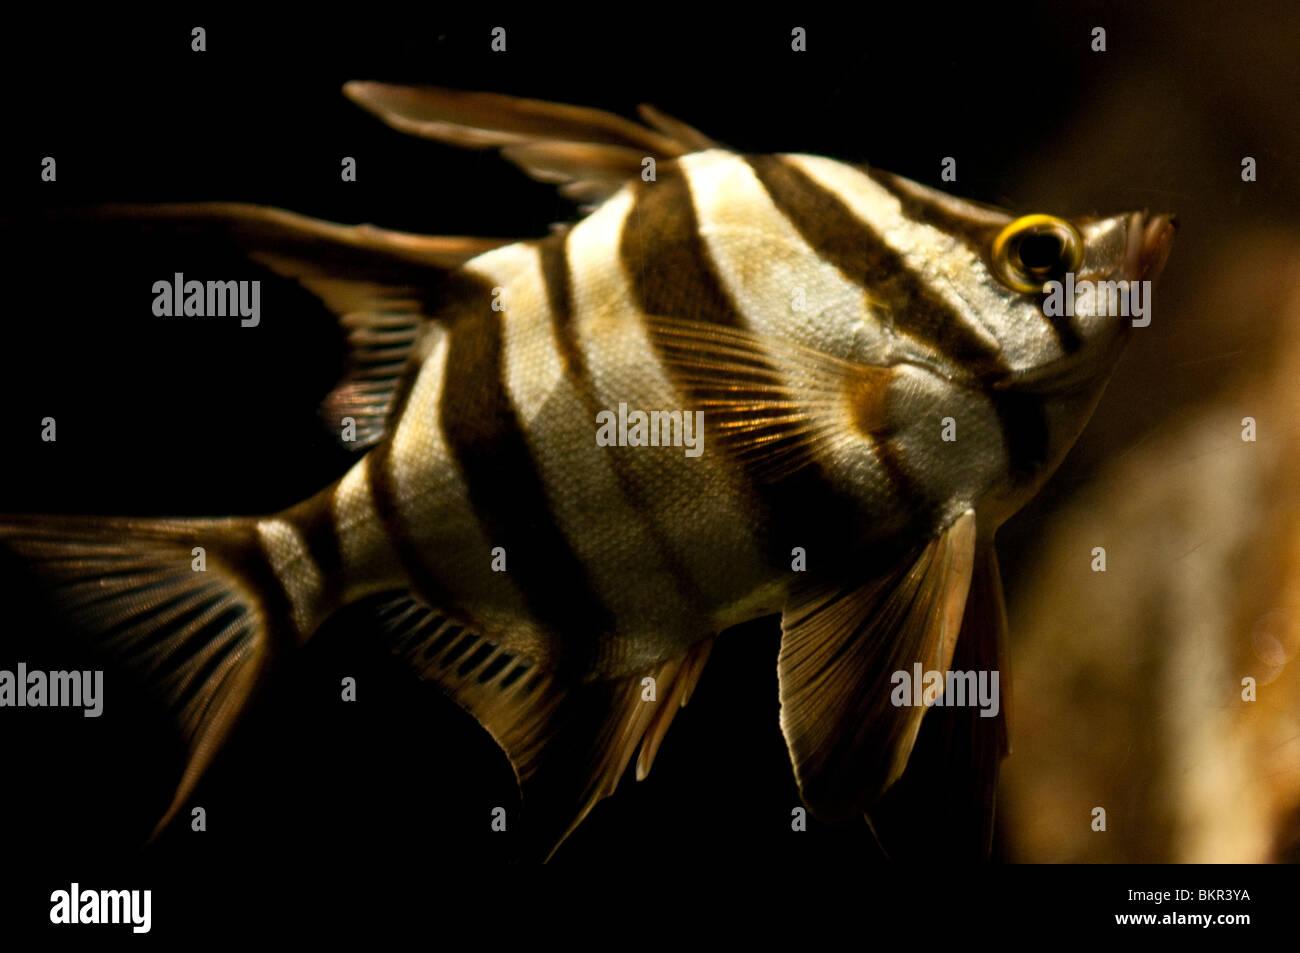 Fish, Sydney Aquarium, Sydney, Australia - Stock Image